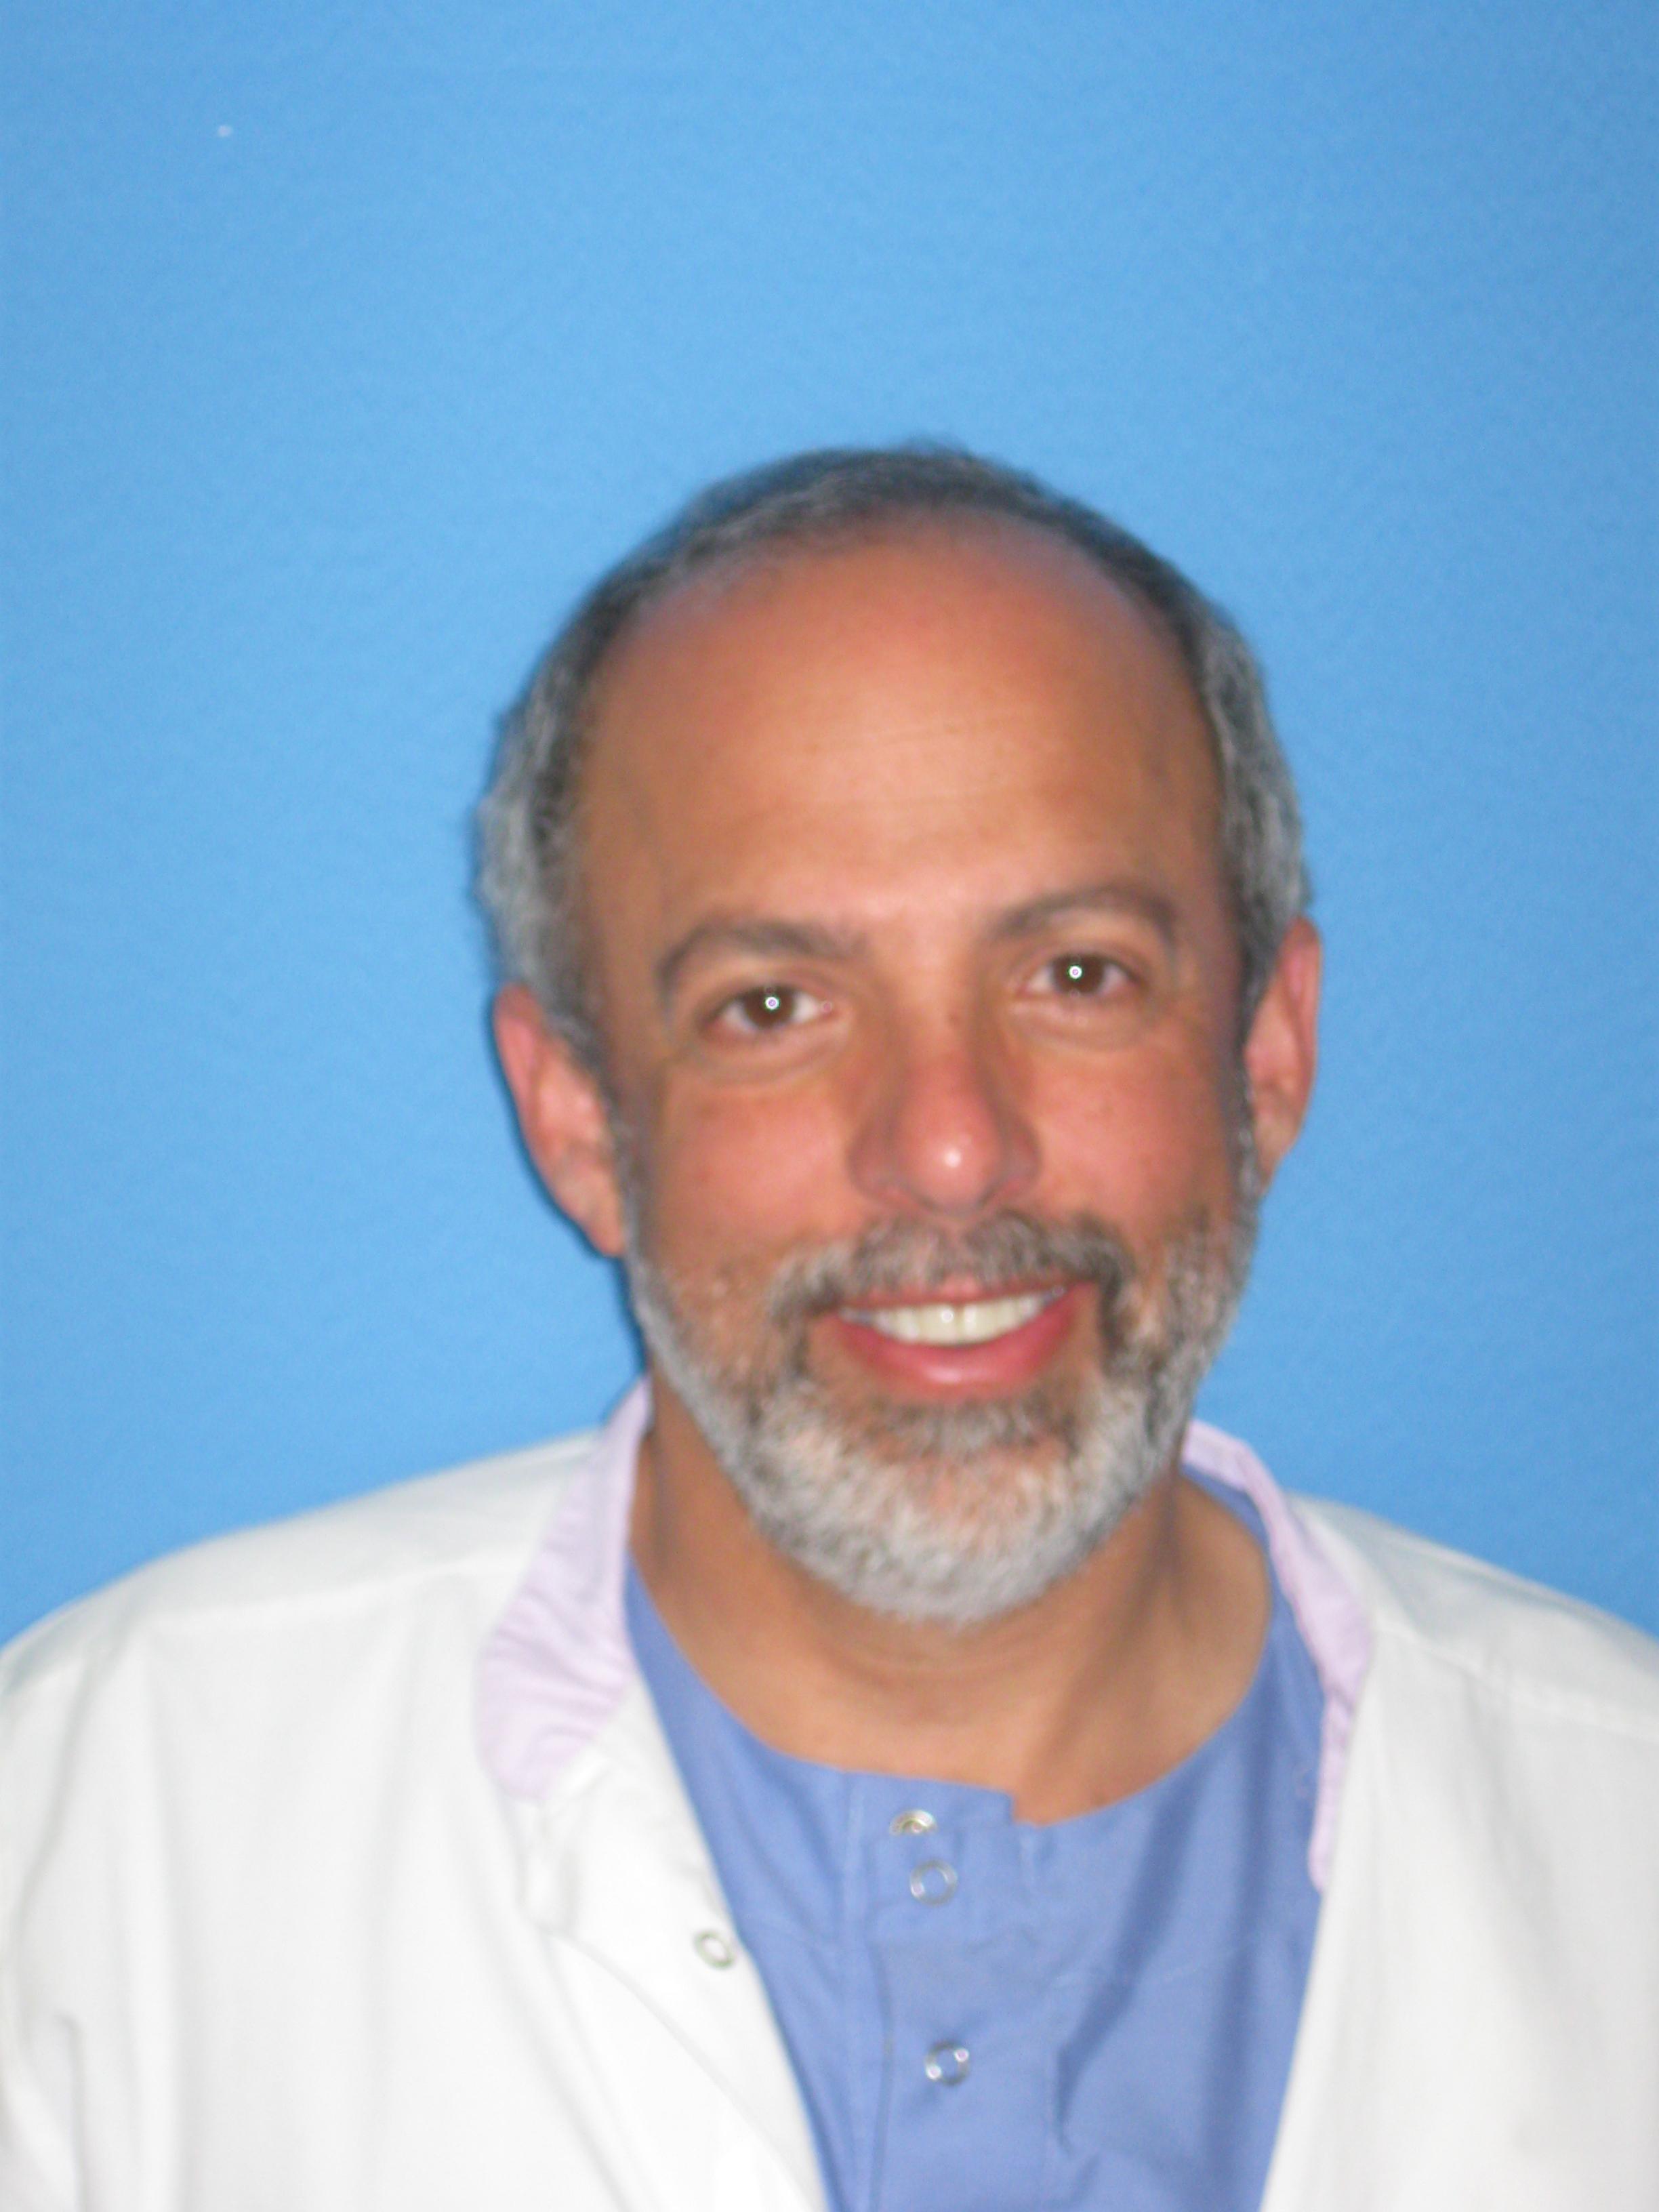 דוקטור רן נייגר - תמונת פרופיל